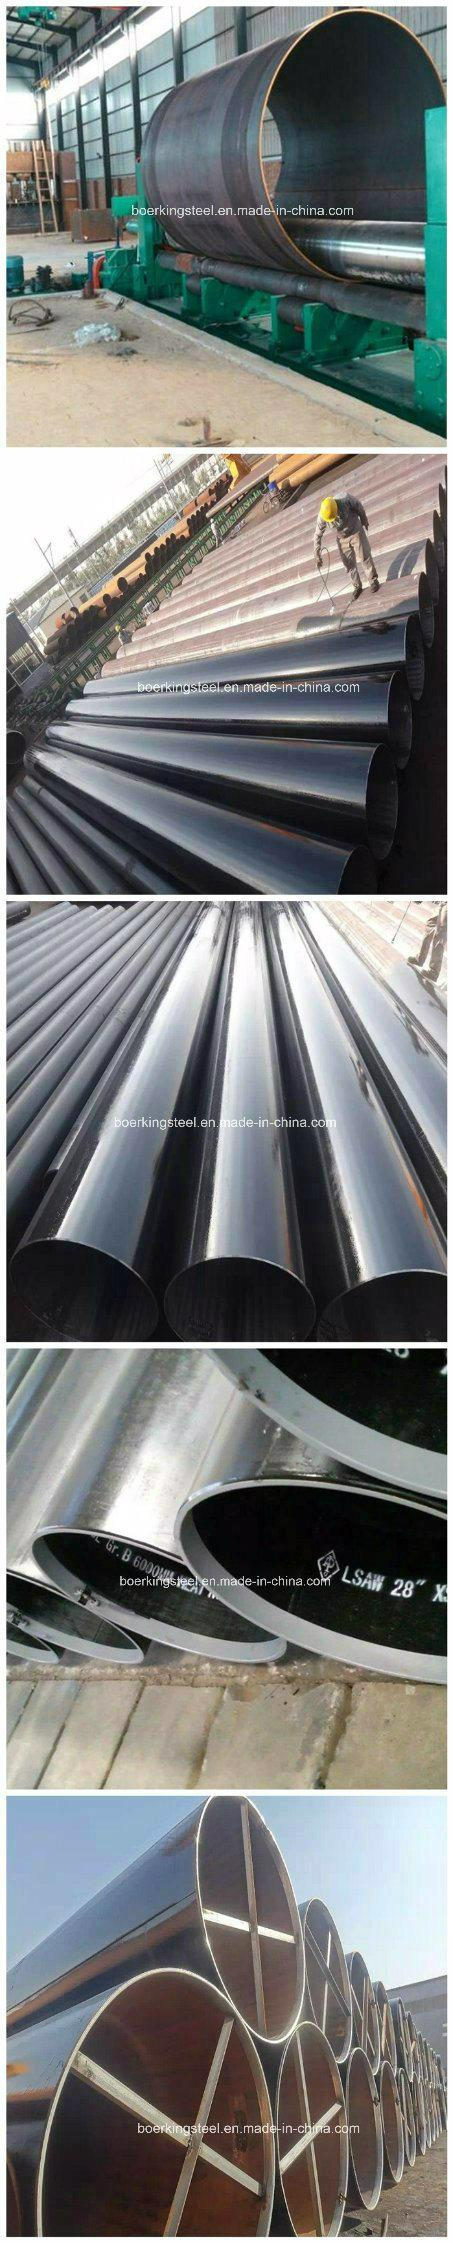 12inch API 5L X42/X52/X60 ERW/SSAW Spiral Steel Pipe